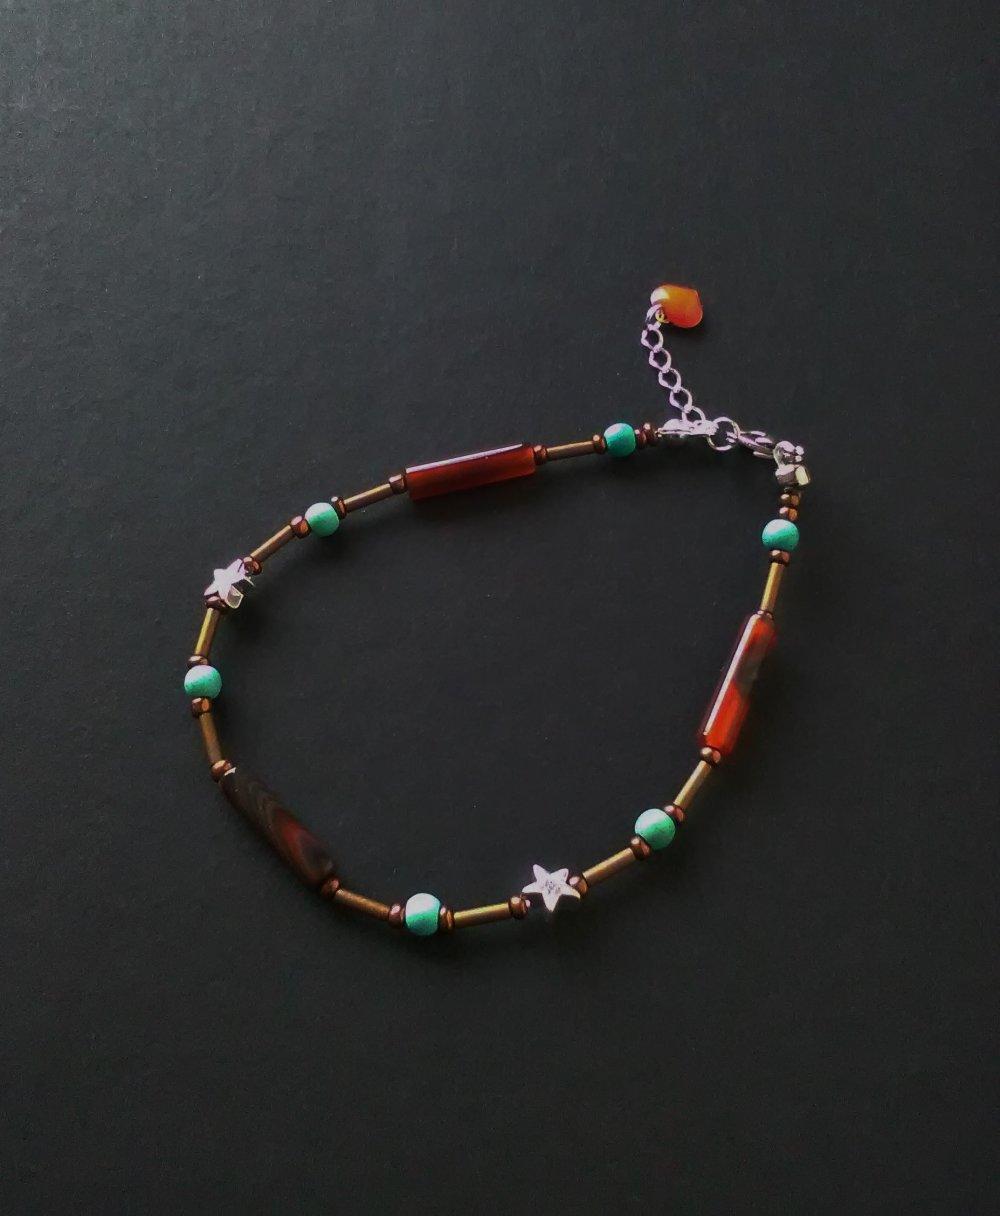 BRACELET femme agate et pierre de howlite turquoise, bijou femme, idée cadeau, Made in France, Paris,